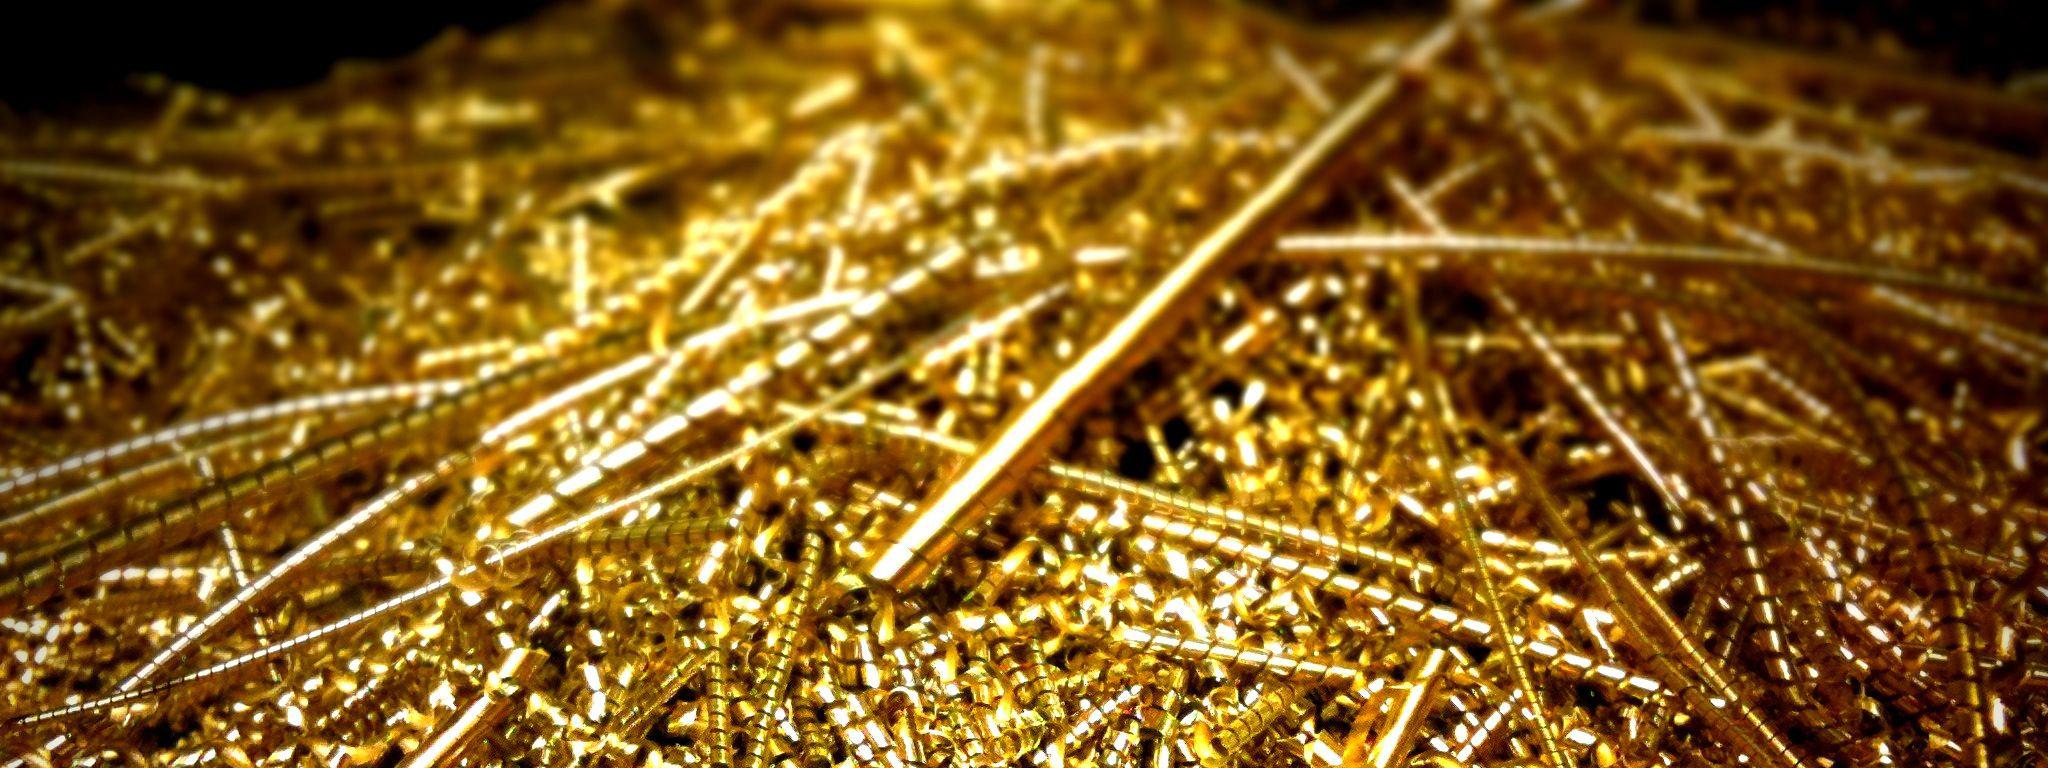 Brass Instrument Materials